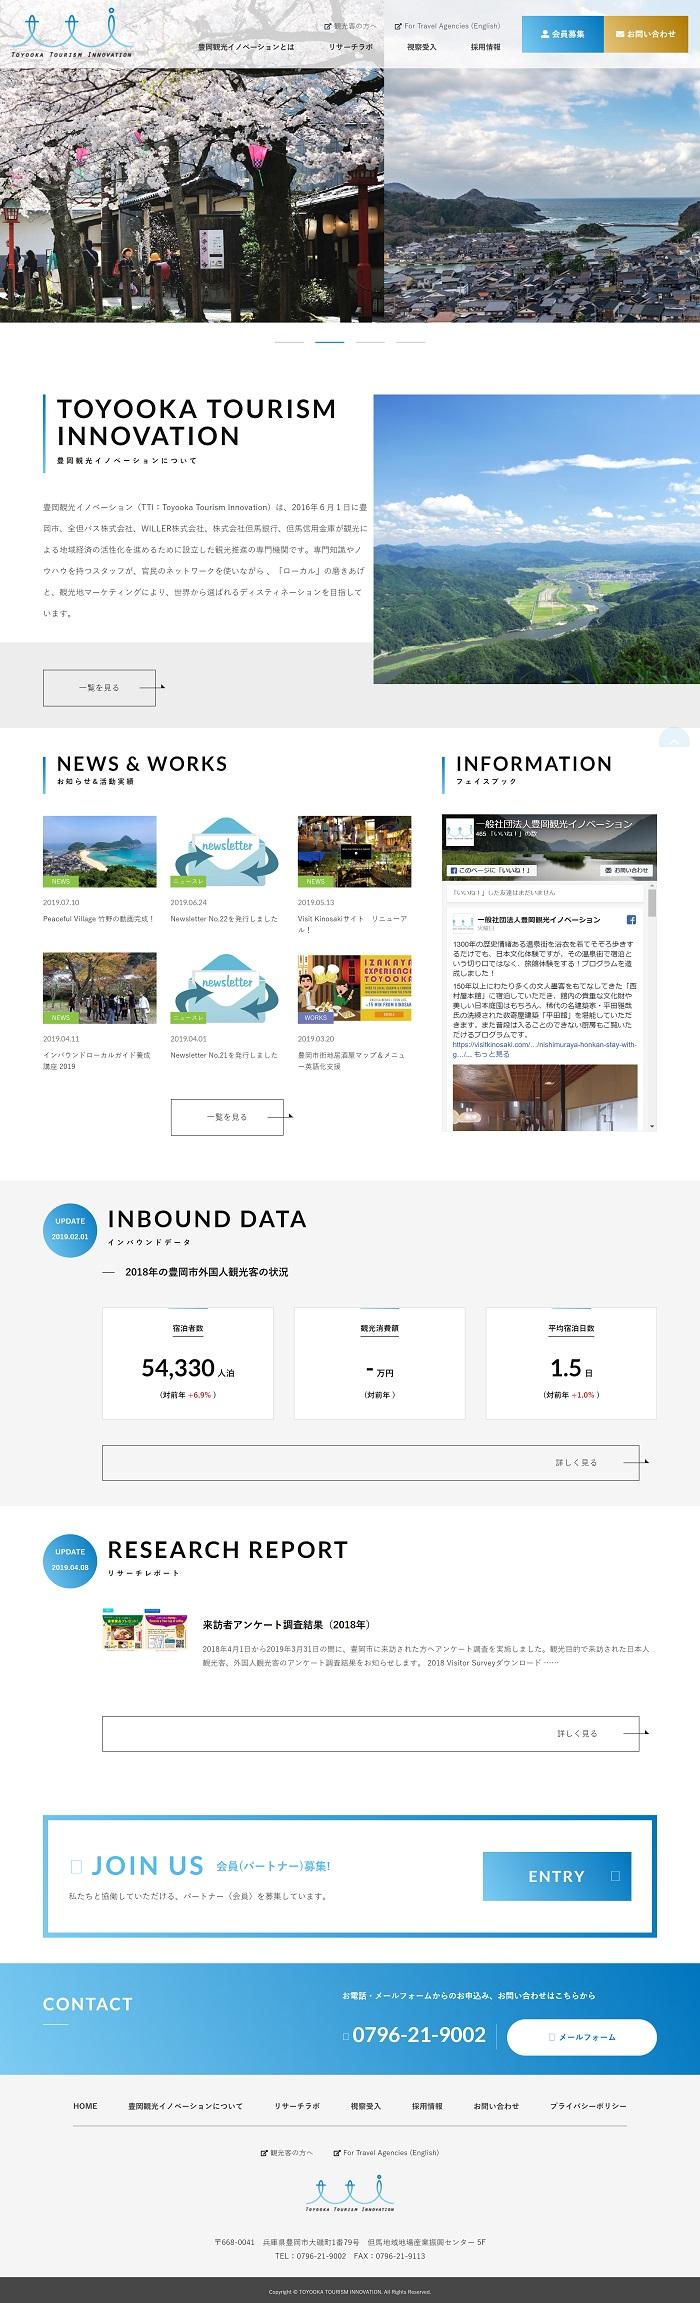 一般社団法人豊岡観光イノベーション|豊岡版DMO - 一般社団法人豊岡観光イノベーションの公式ホームページです。